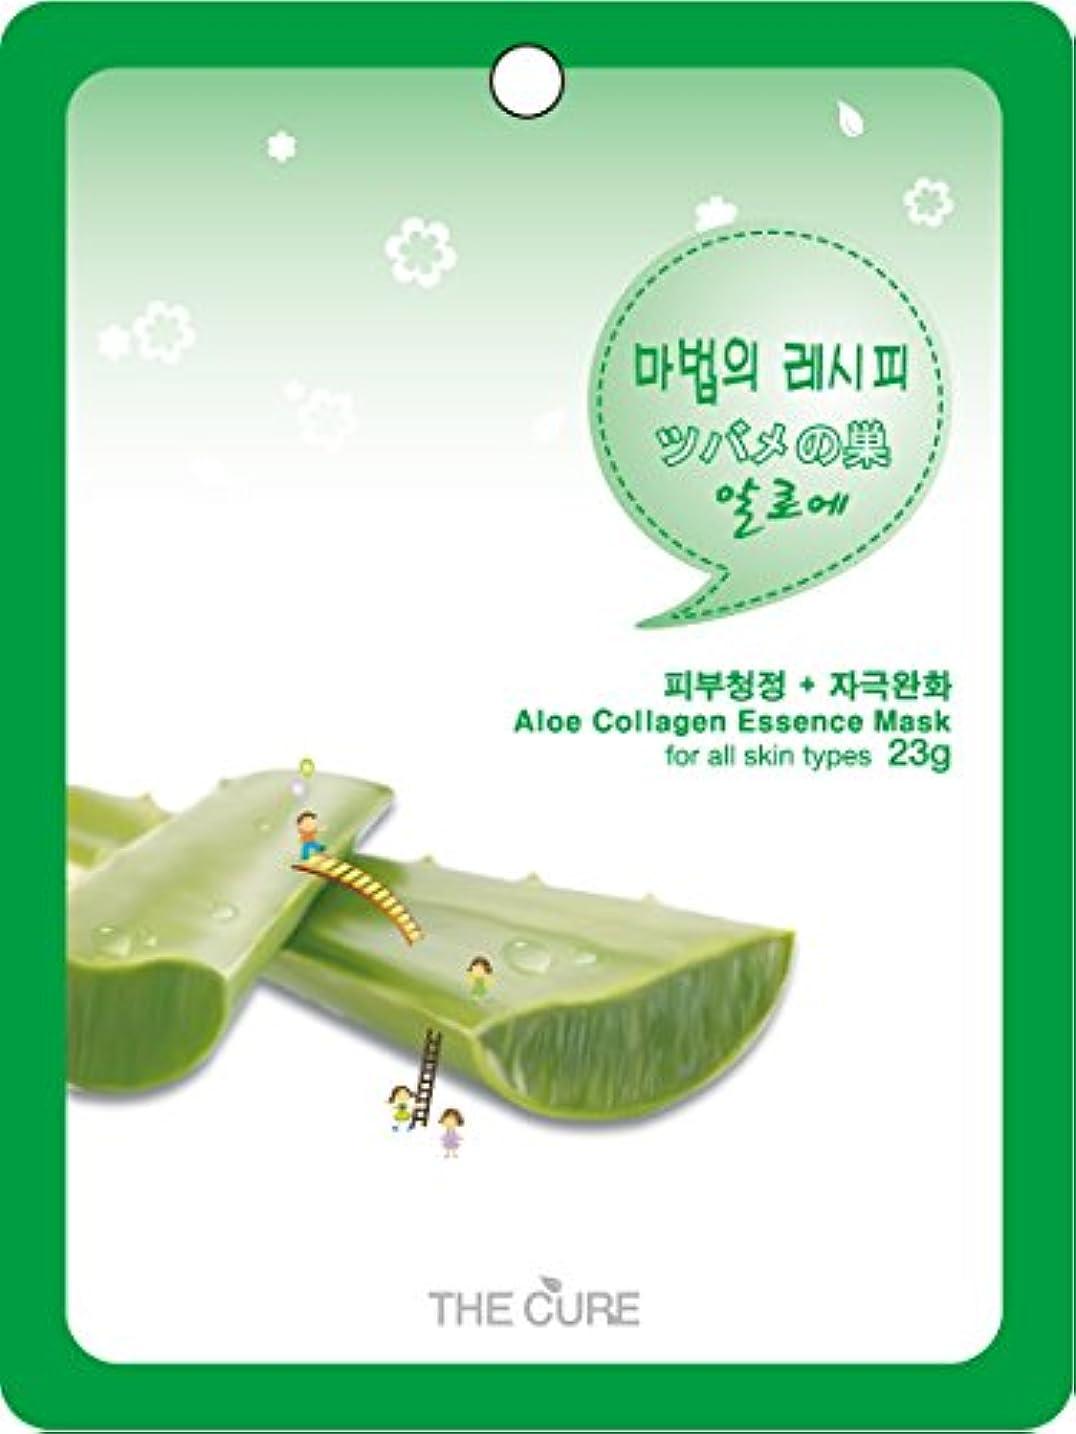 着替えるなぞらえる弱いアロエ コラーゲン エッセンス マスク THE CURE シート パック 100枚セット 韓国 コスメ 乾燥肌 オイリー肌 混合肌